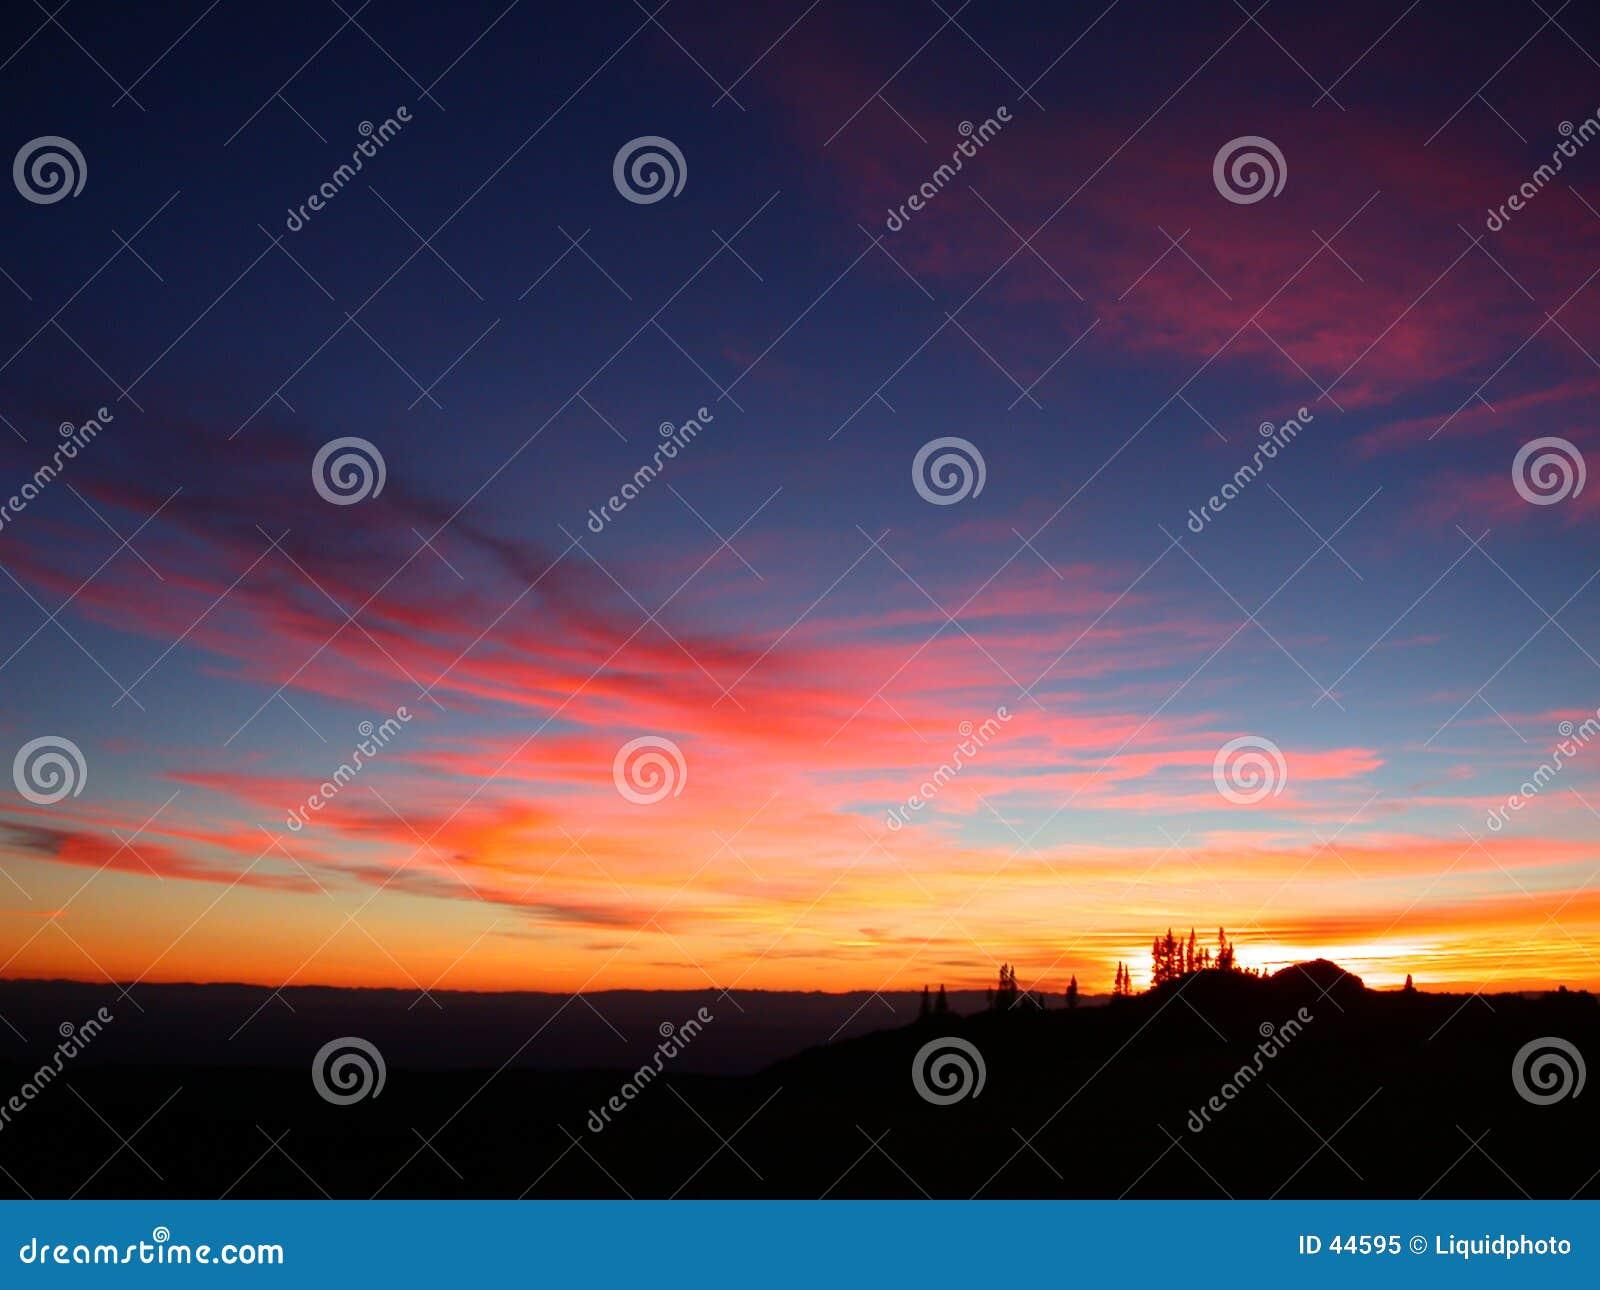 Le rose opacifie le coucher du soleil